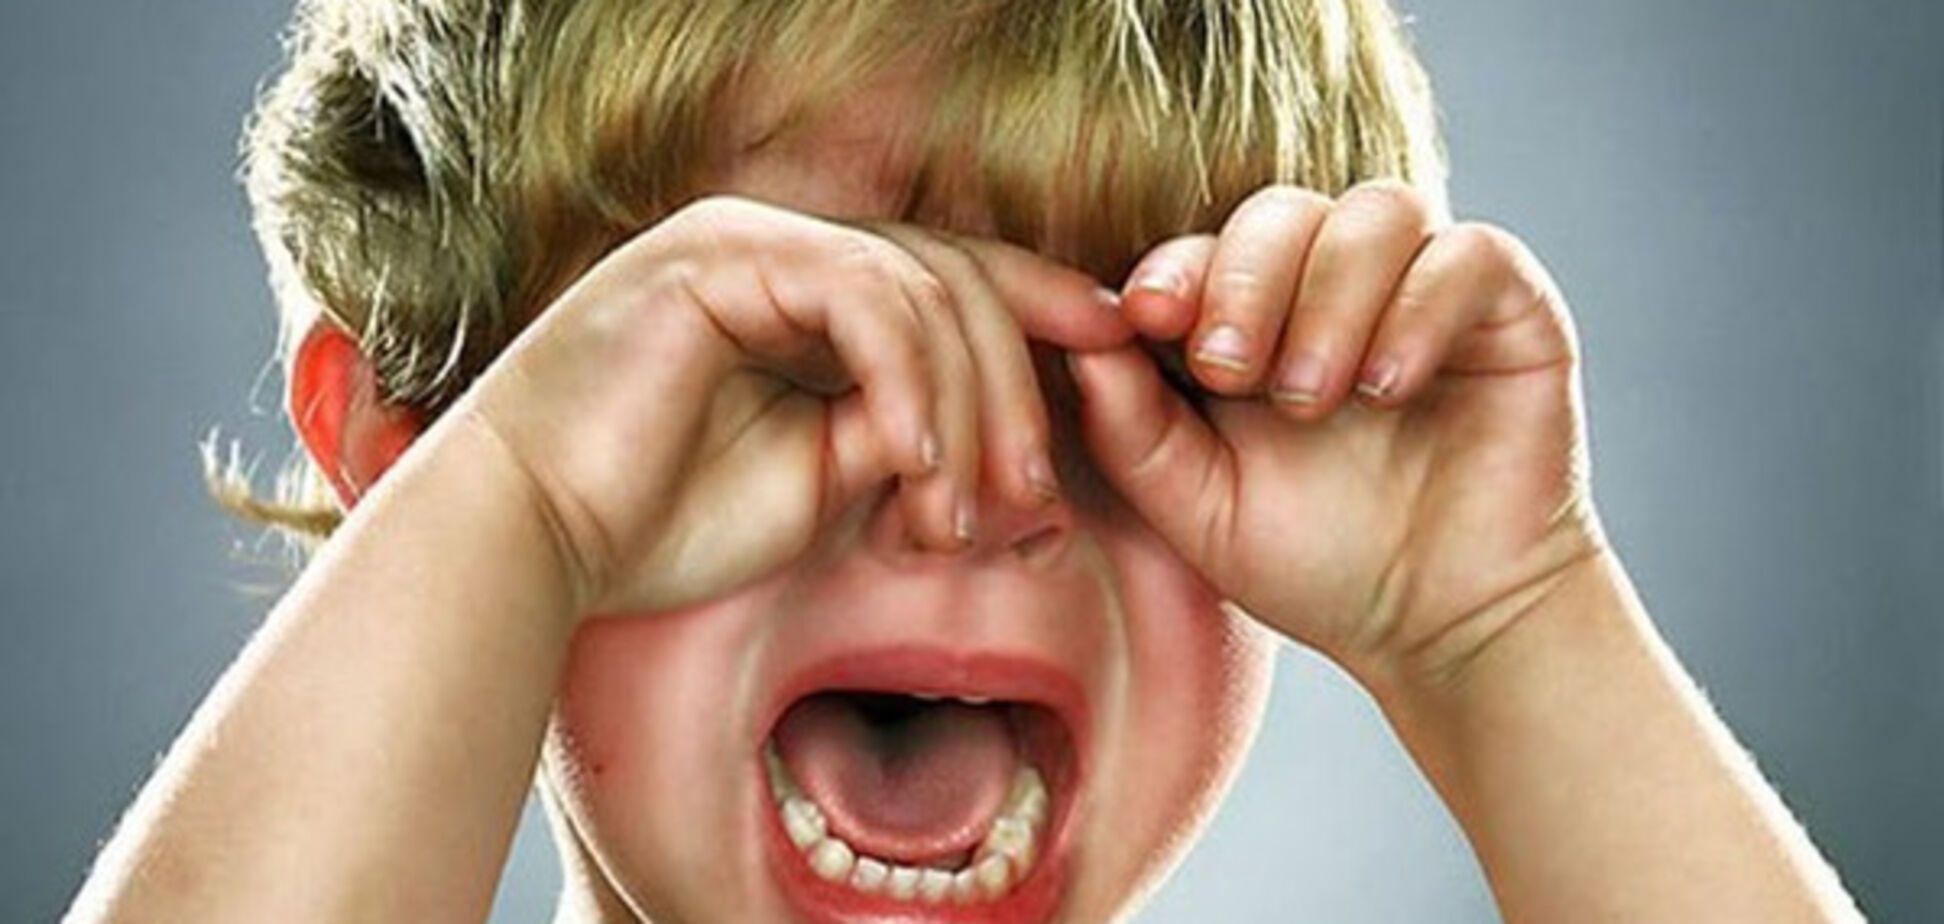 Детская истерика: как правильно реагировать родителям